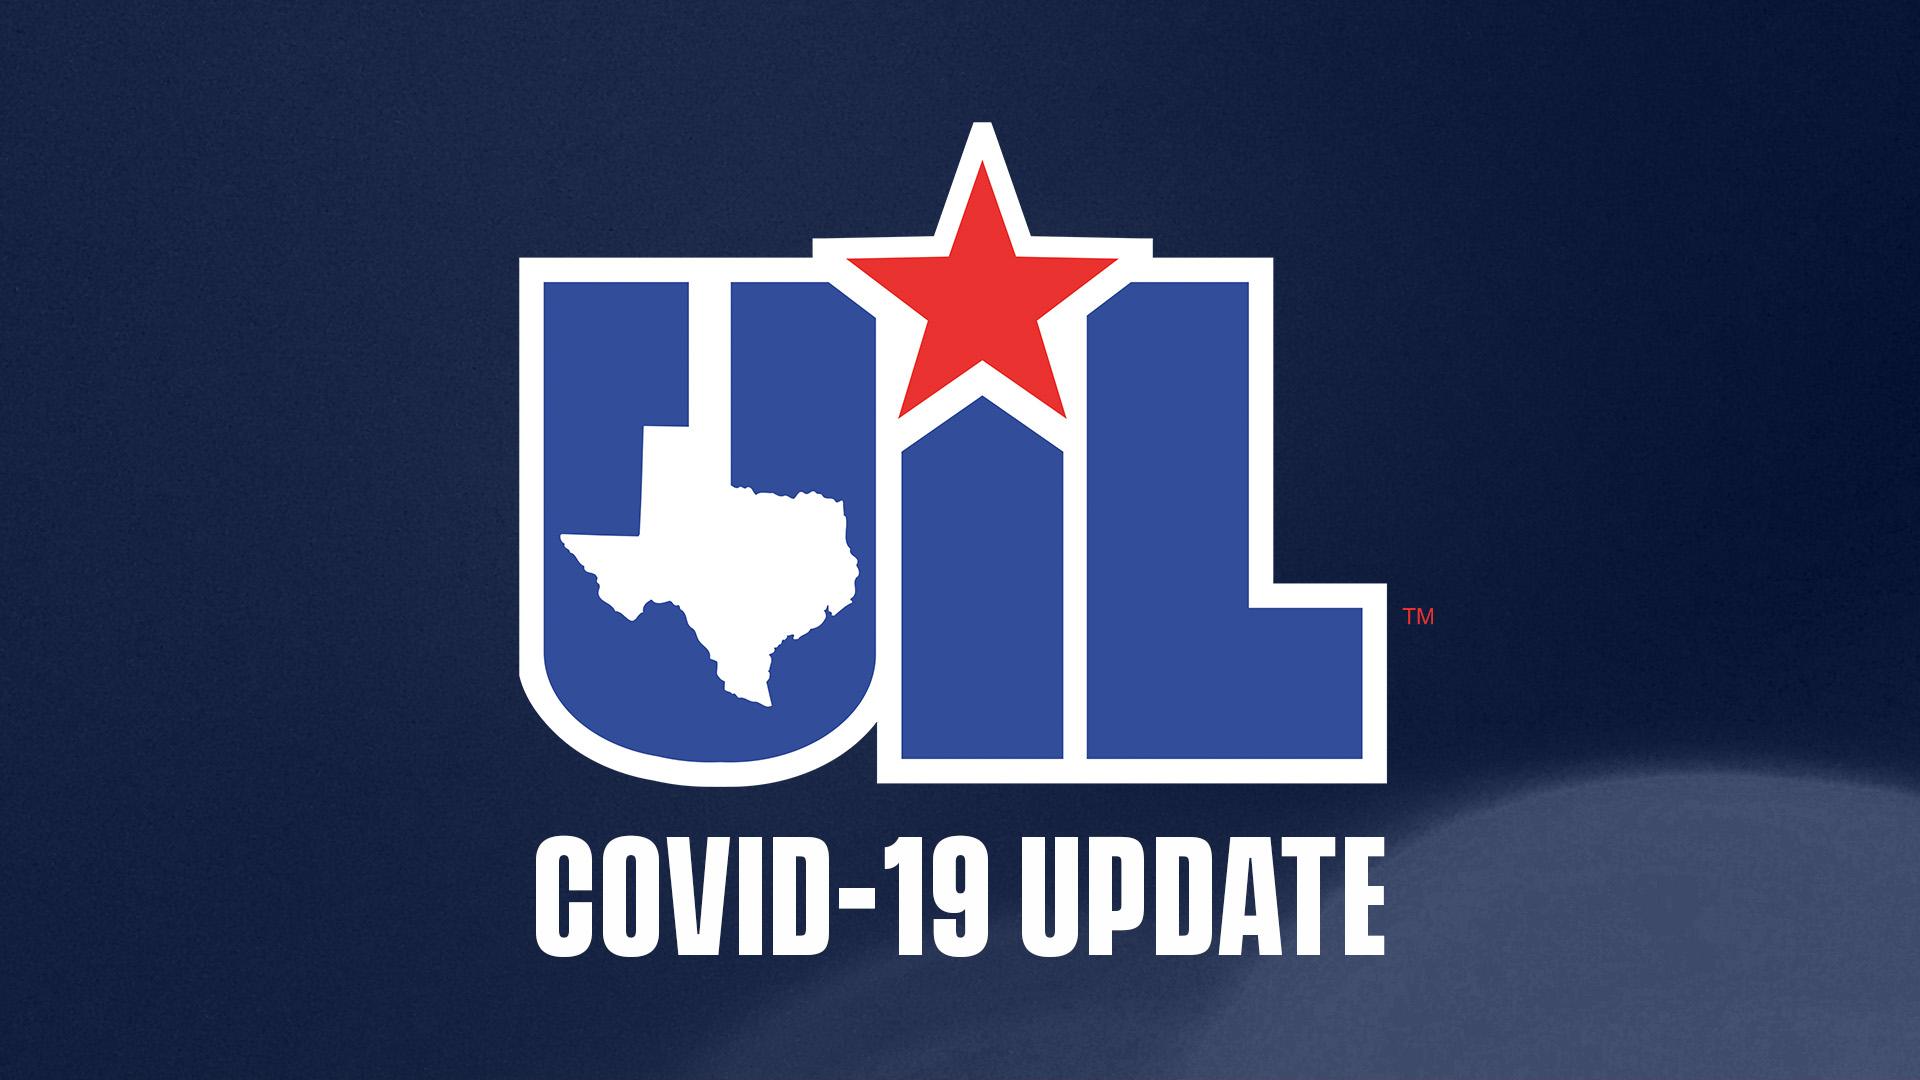 UIL COVID-19 Update